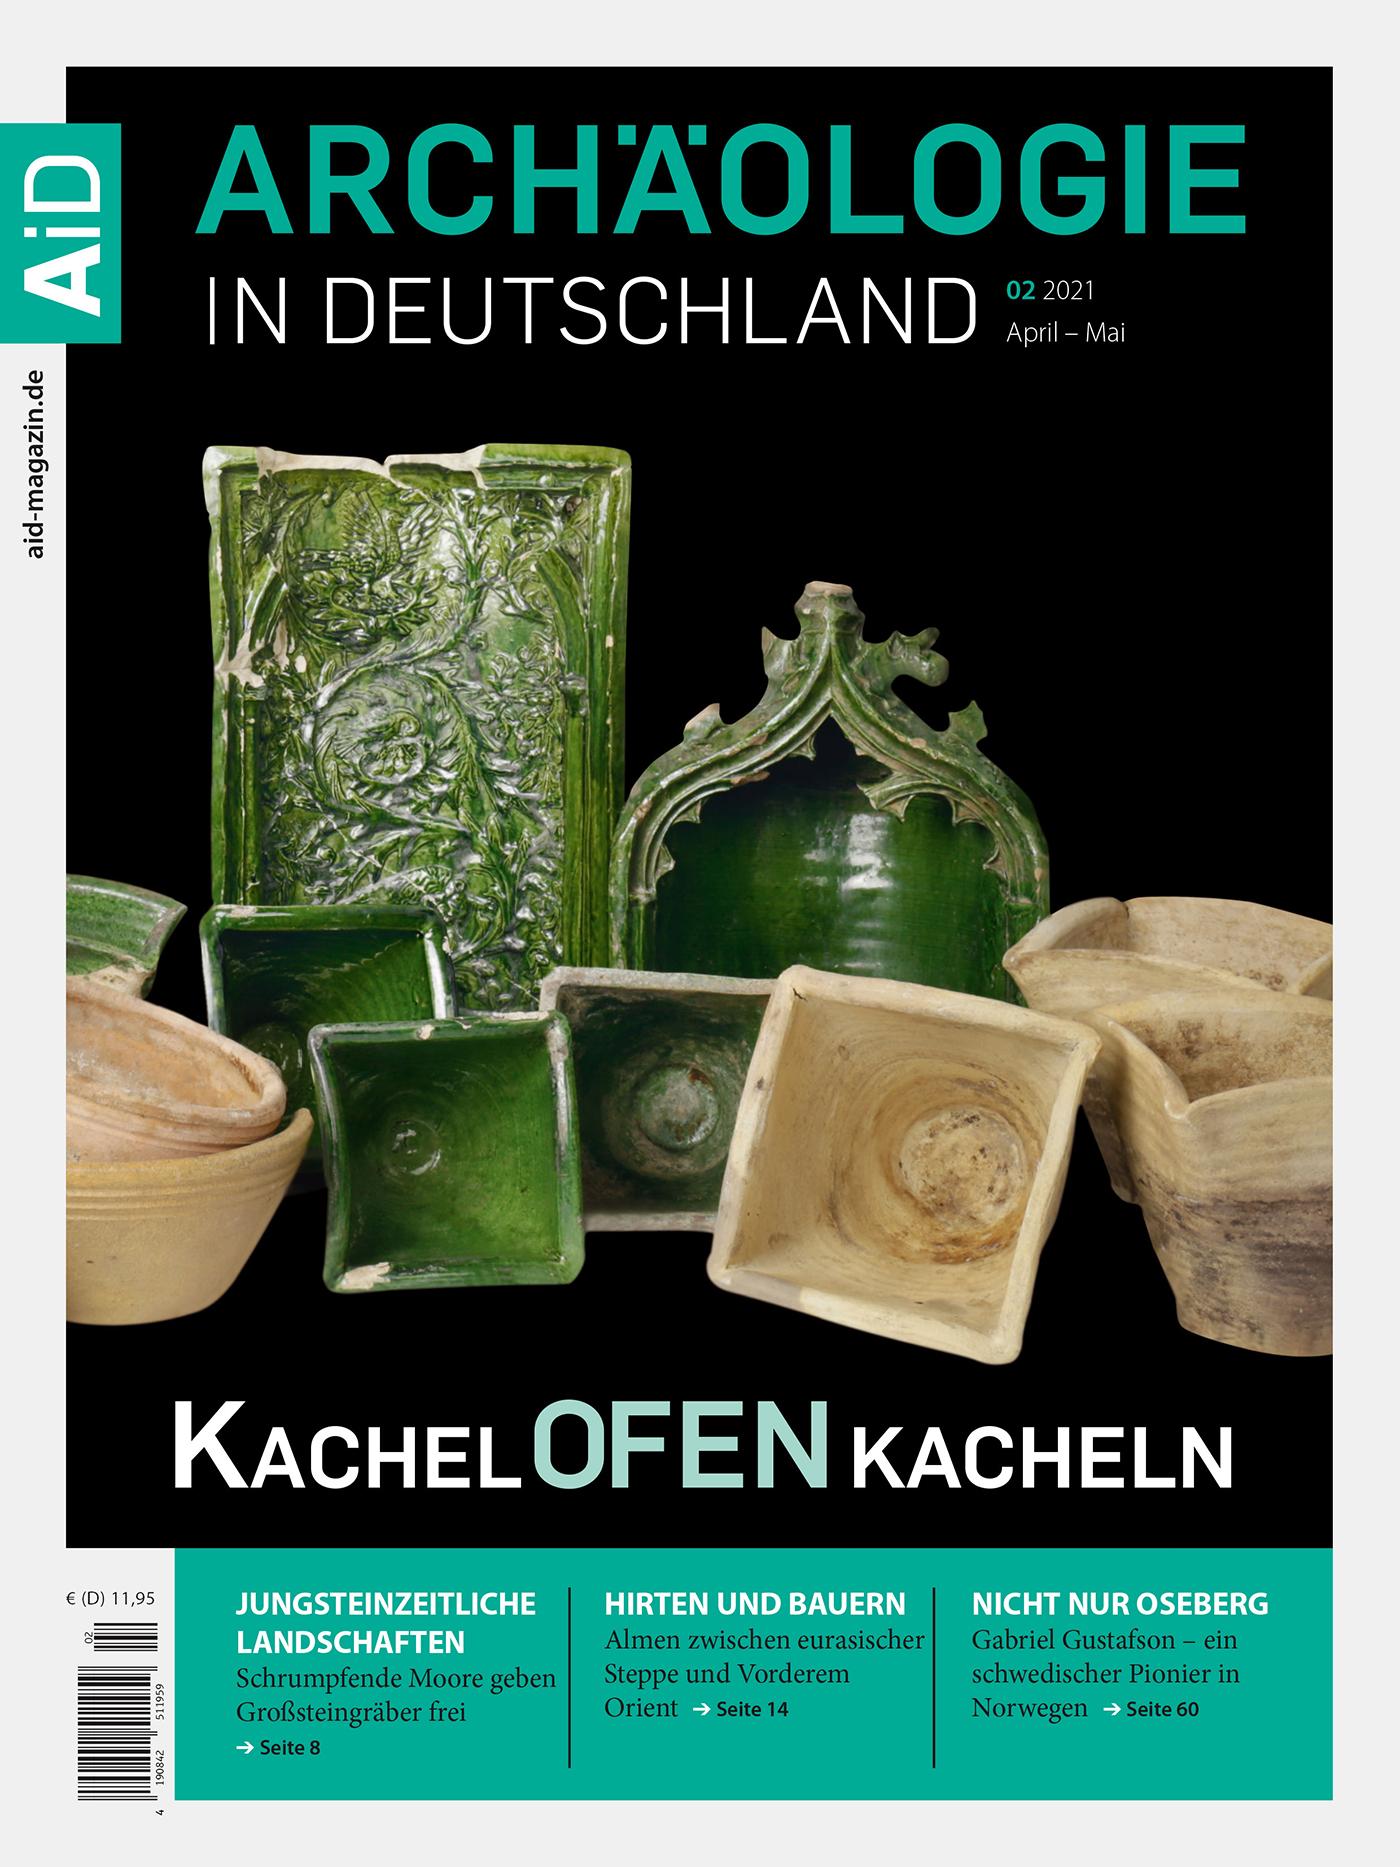 KachelOFENKacheln – Archäologie in Deutschland Heft 2/21